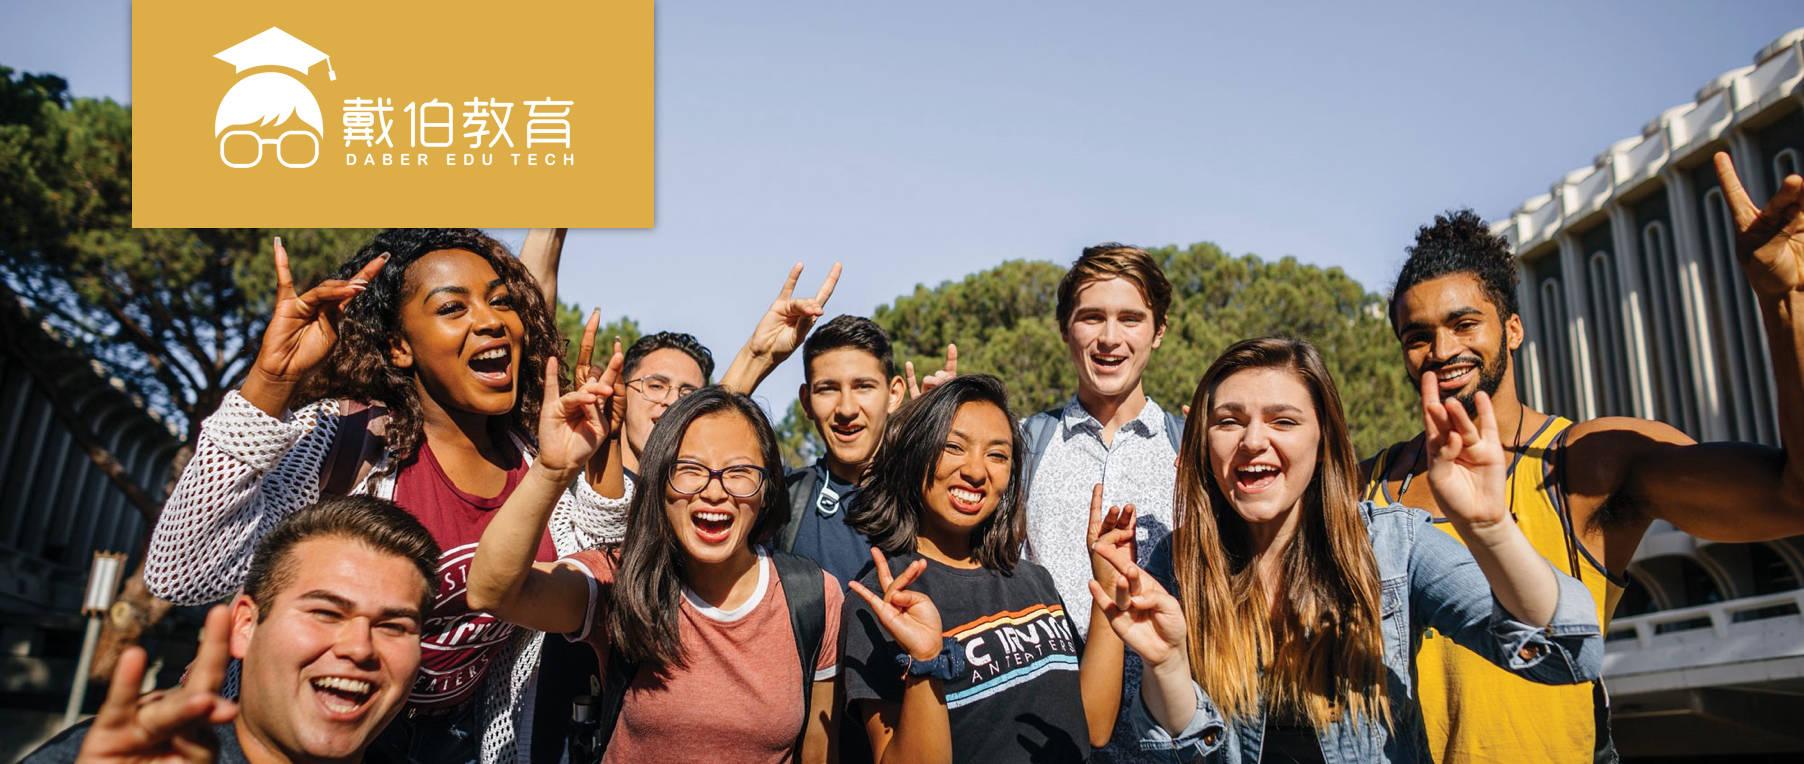 最具性價比大學排名出爐,加州這所公立大學升至榜首!